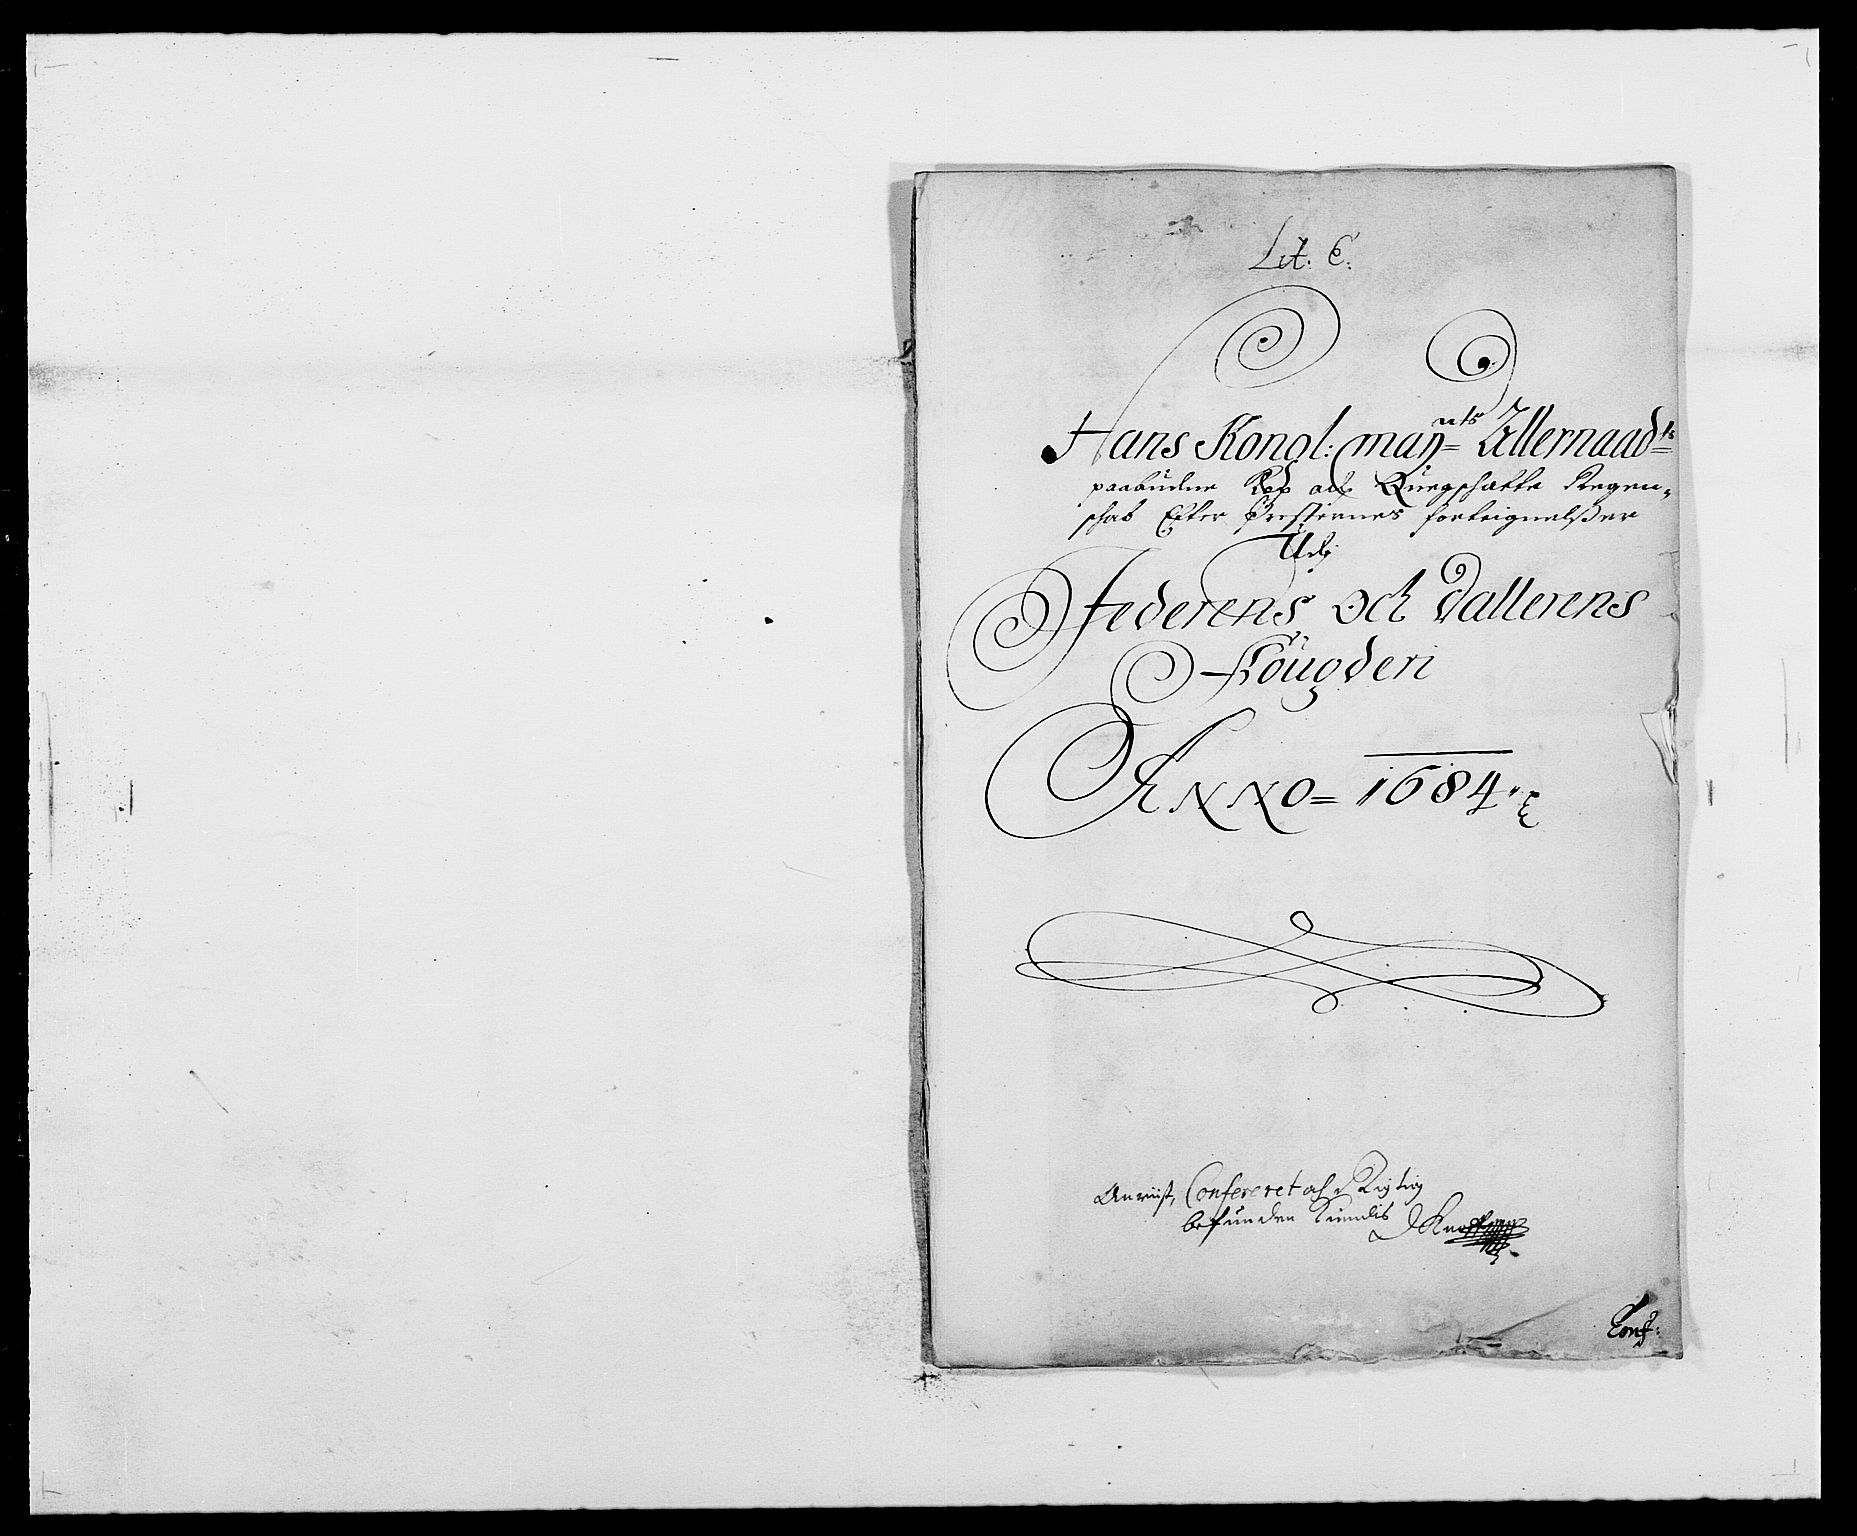 RA, Rentekammeret inntil 1814, Reviderte regnskaper, Fogderegnskap, R46/L2724: Fogderegnskap Jæren og Dalane, 1682-1684, s. 262